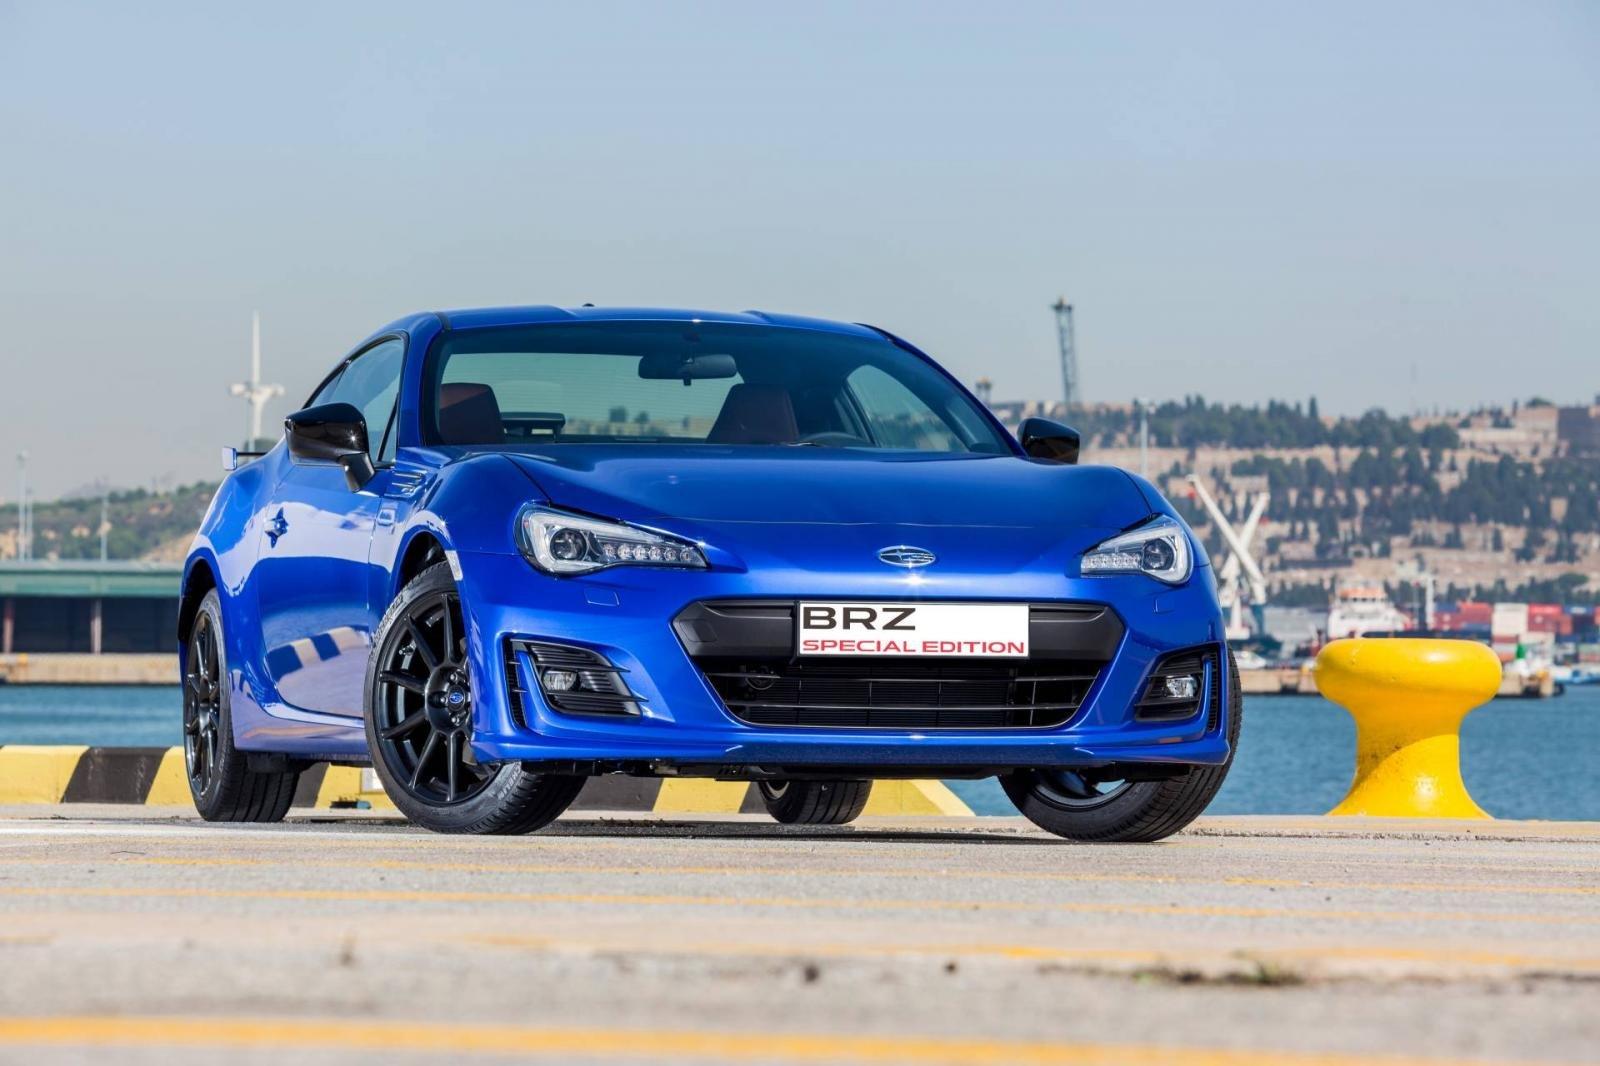 Phiên bản đặc biệt Subaru BRZ Special Edition dành riêng cho thị trường Tây Ban Nha.